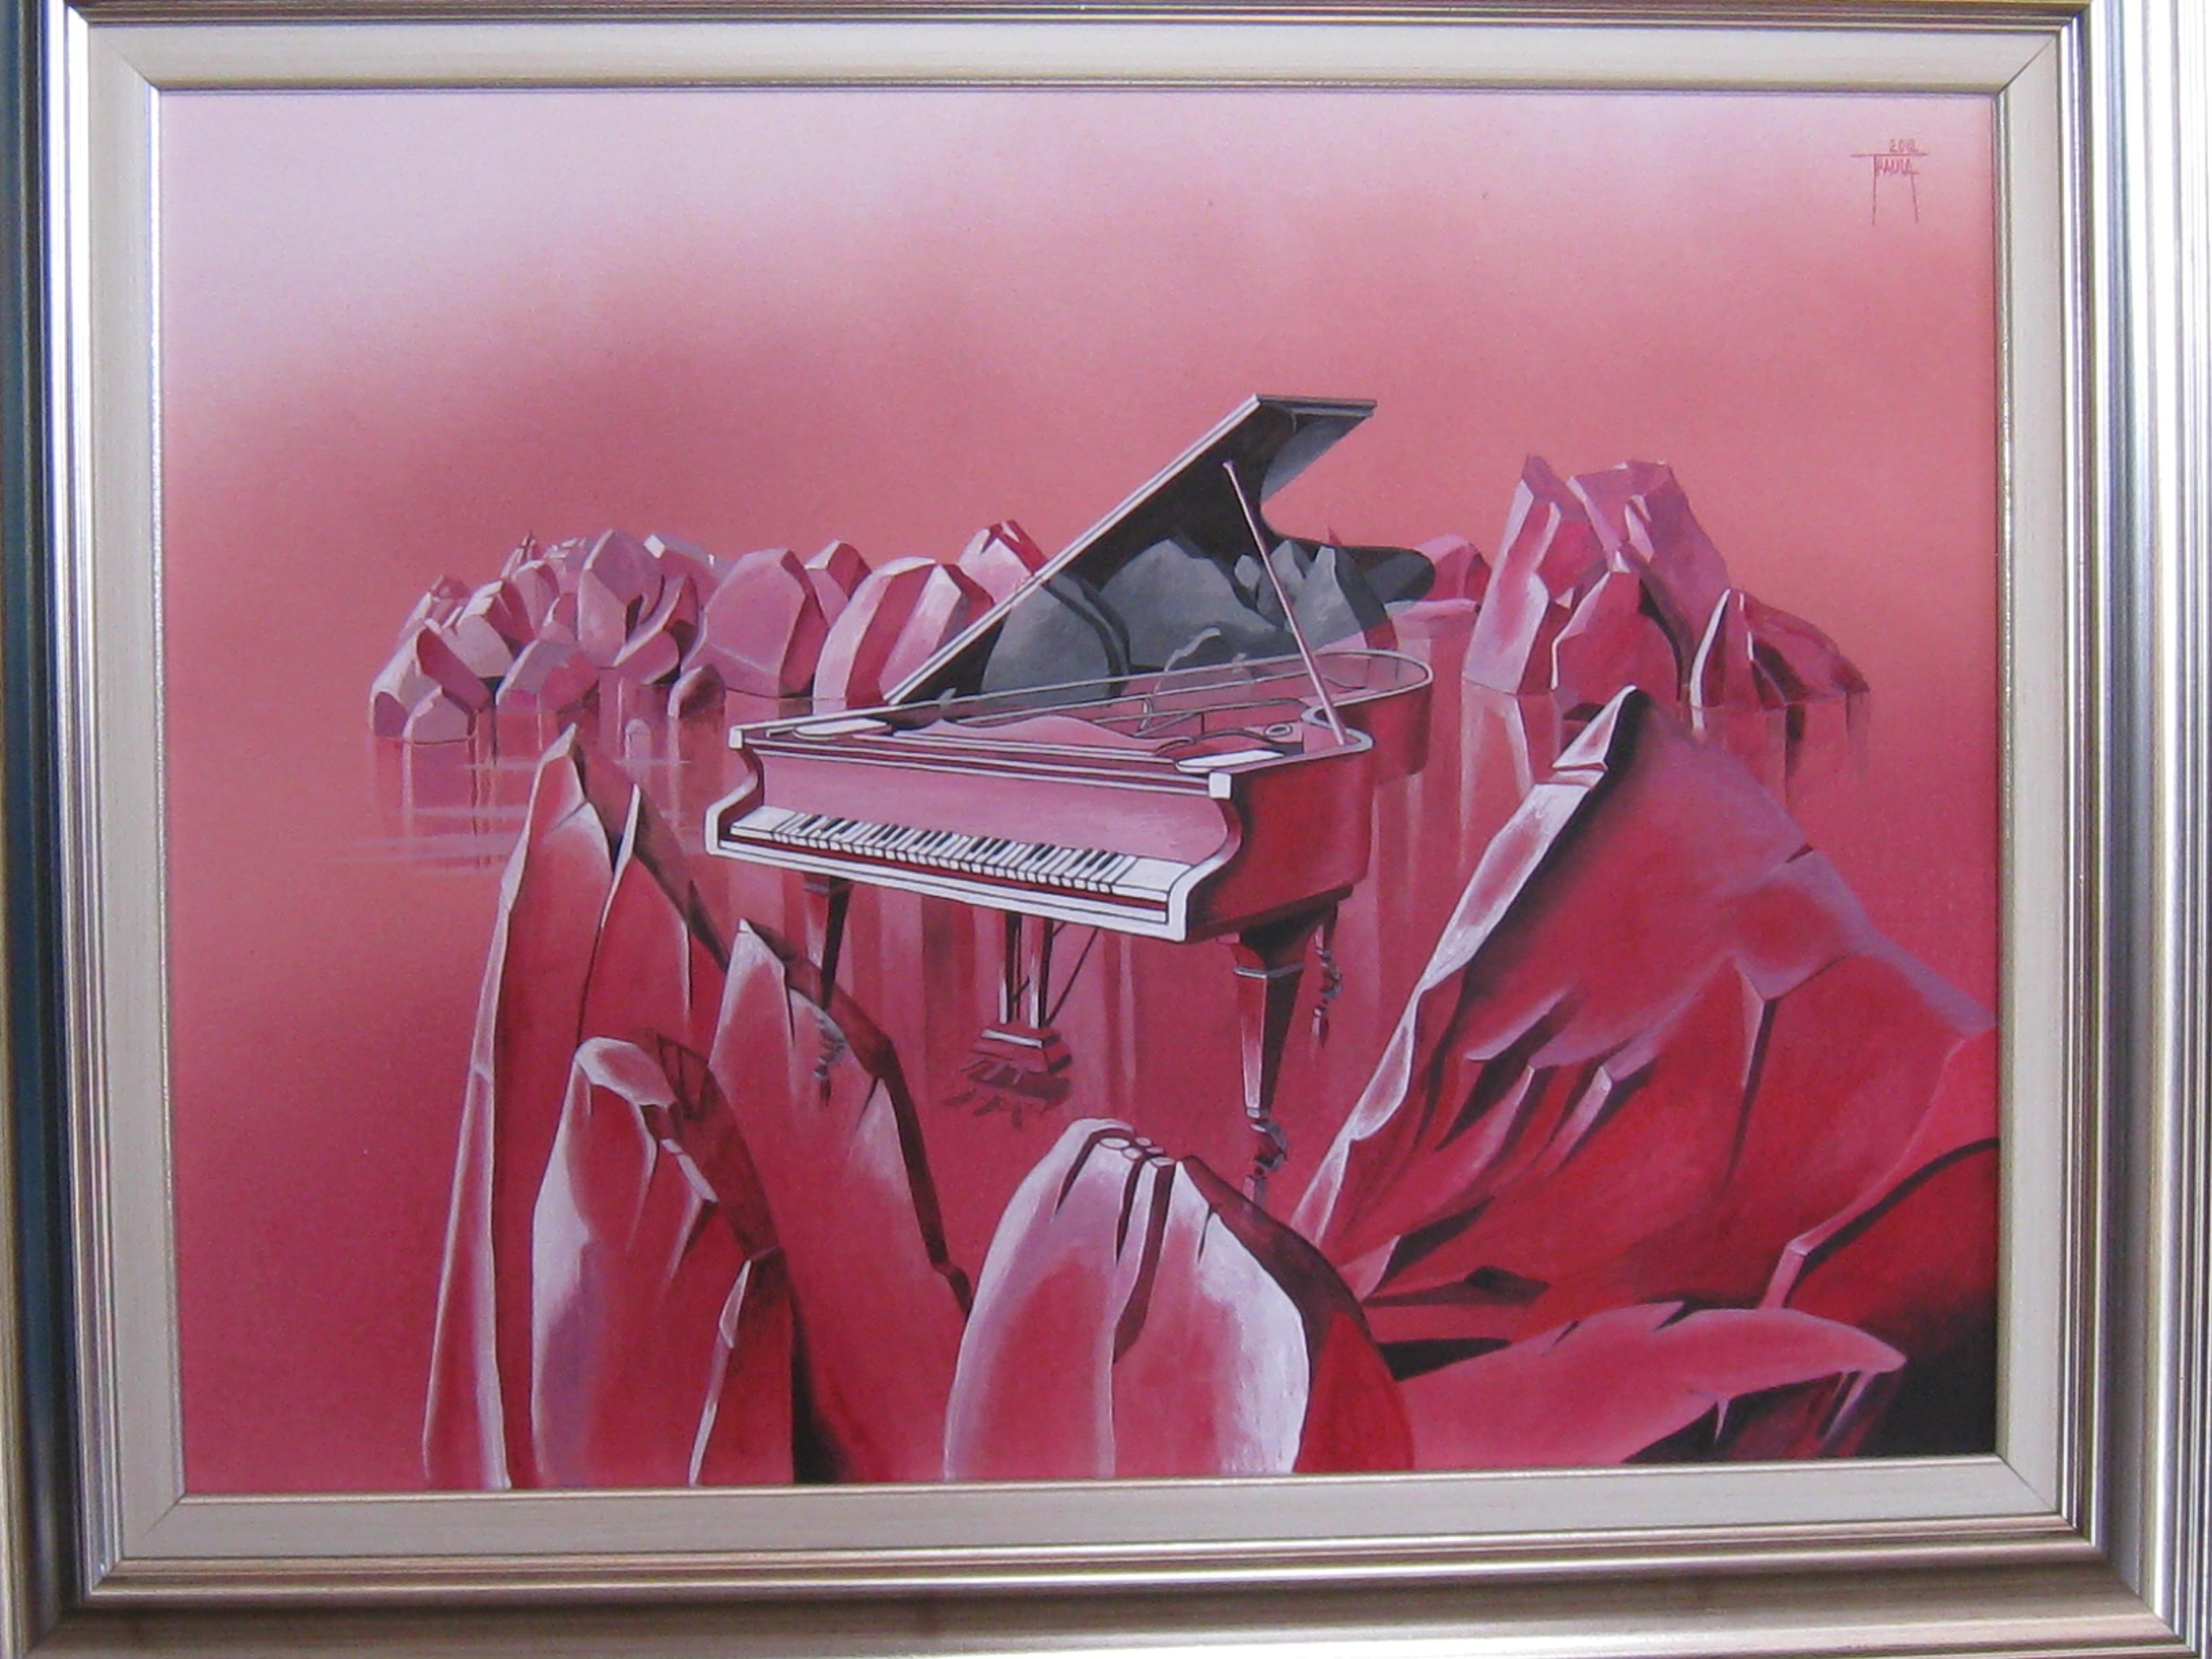 Muzica apelor,ulei/pinza,53x70cm